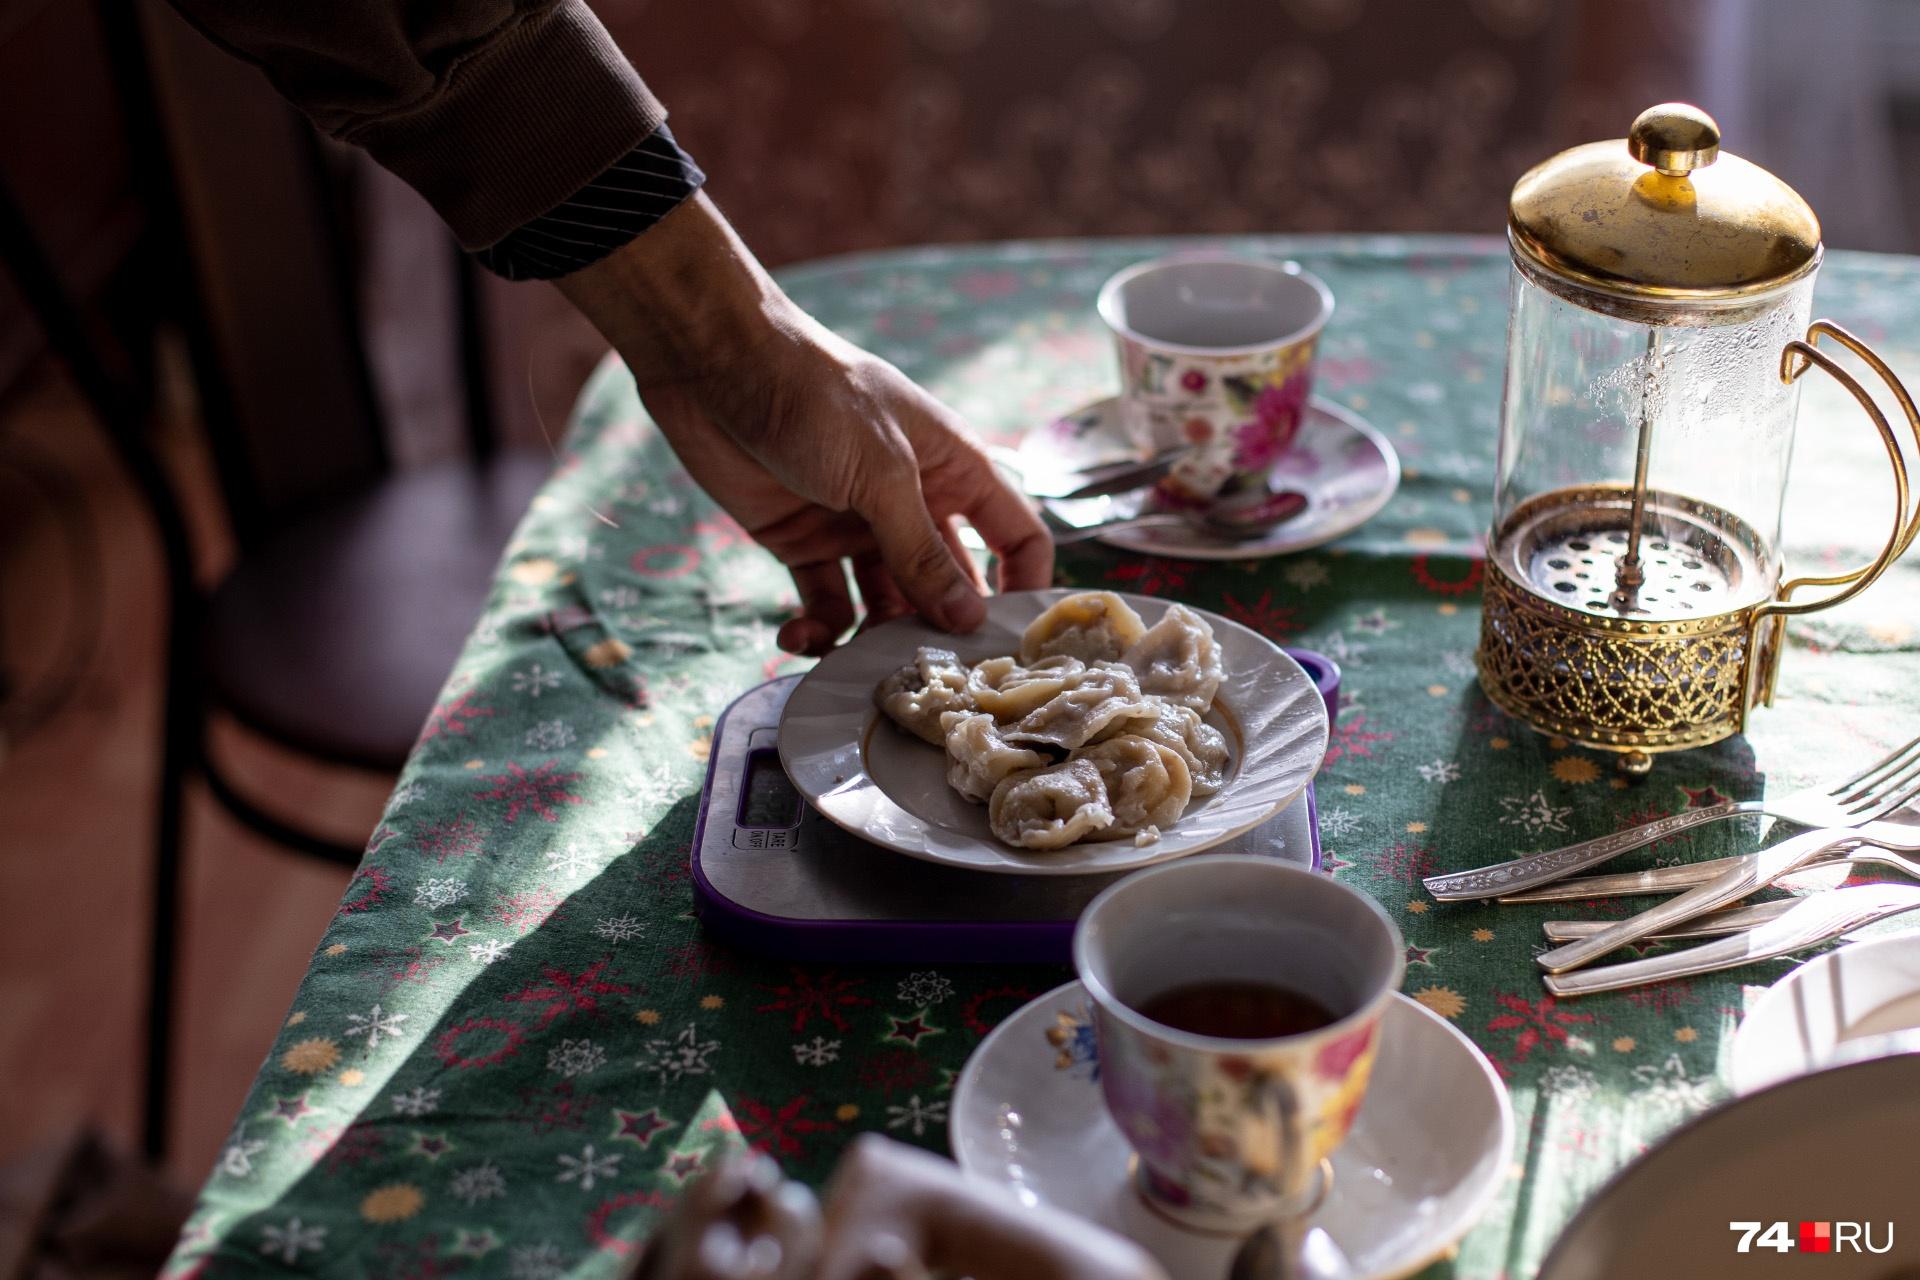 От бабушкиных пельменей сложно отказаться, но нужно держать себя в руках. И кухонные весы в этом помогают